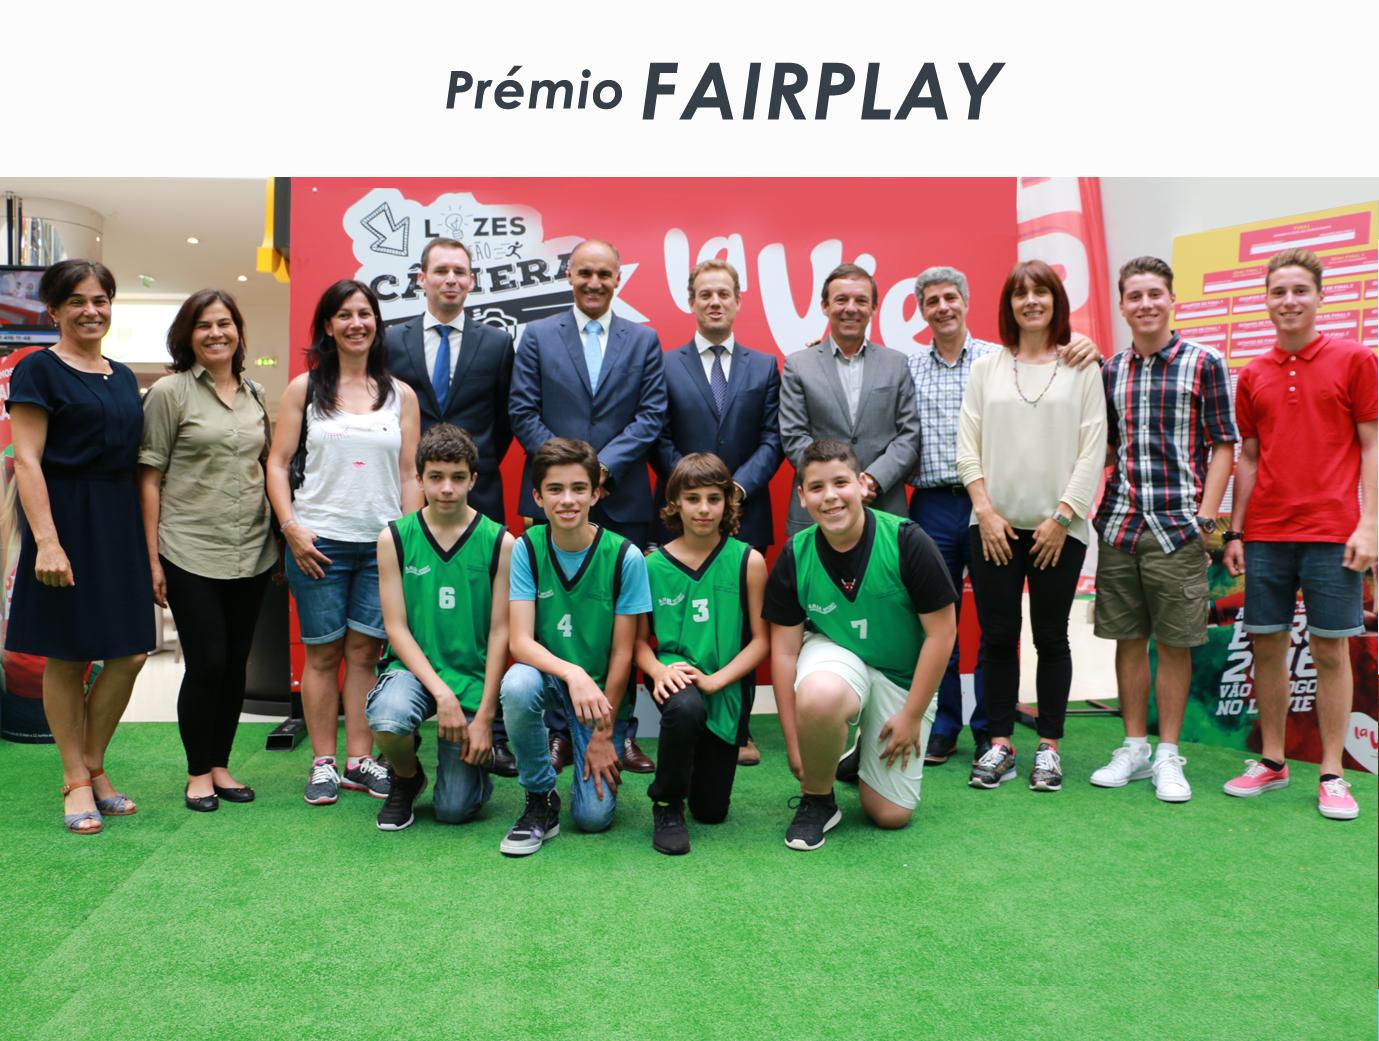 La Vie atribui Fair Play a três escolas